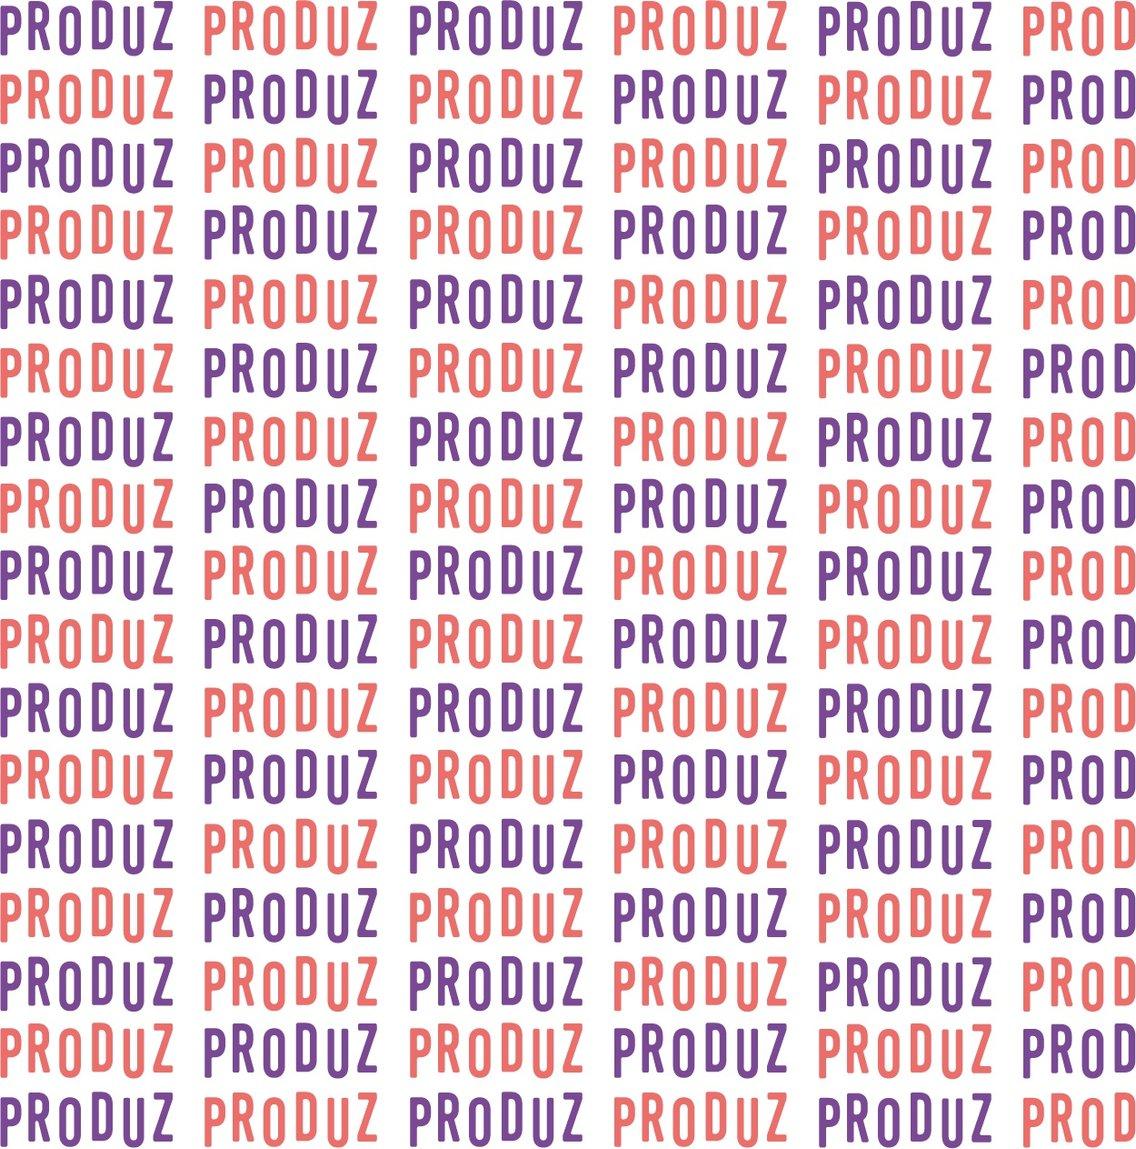 ProduzMinas - immagine di copertina